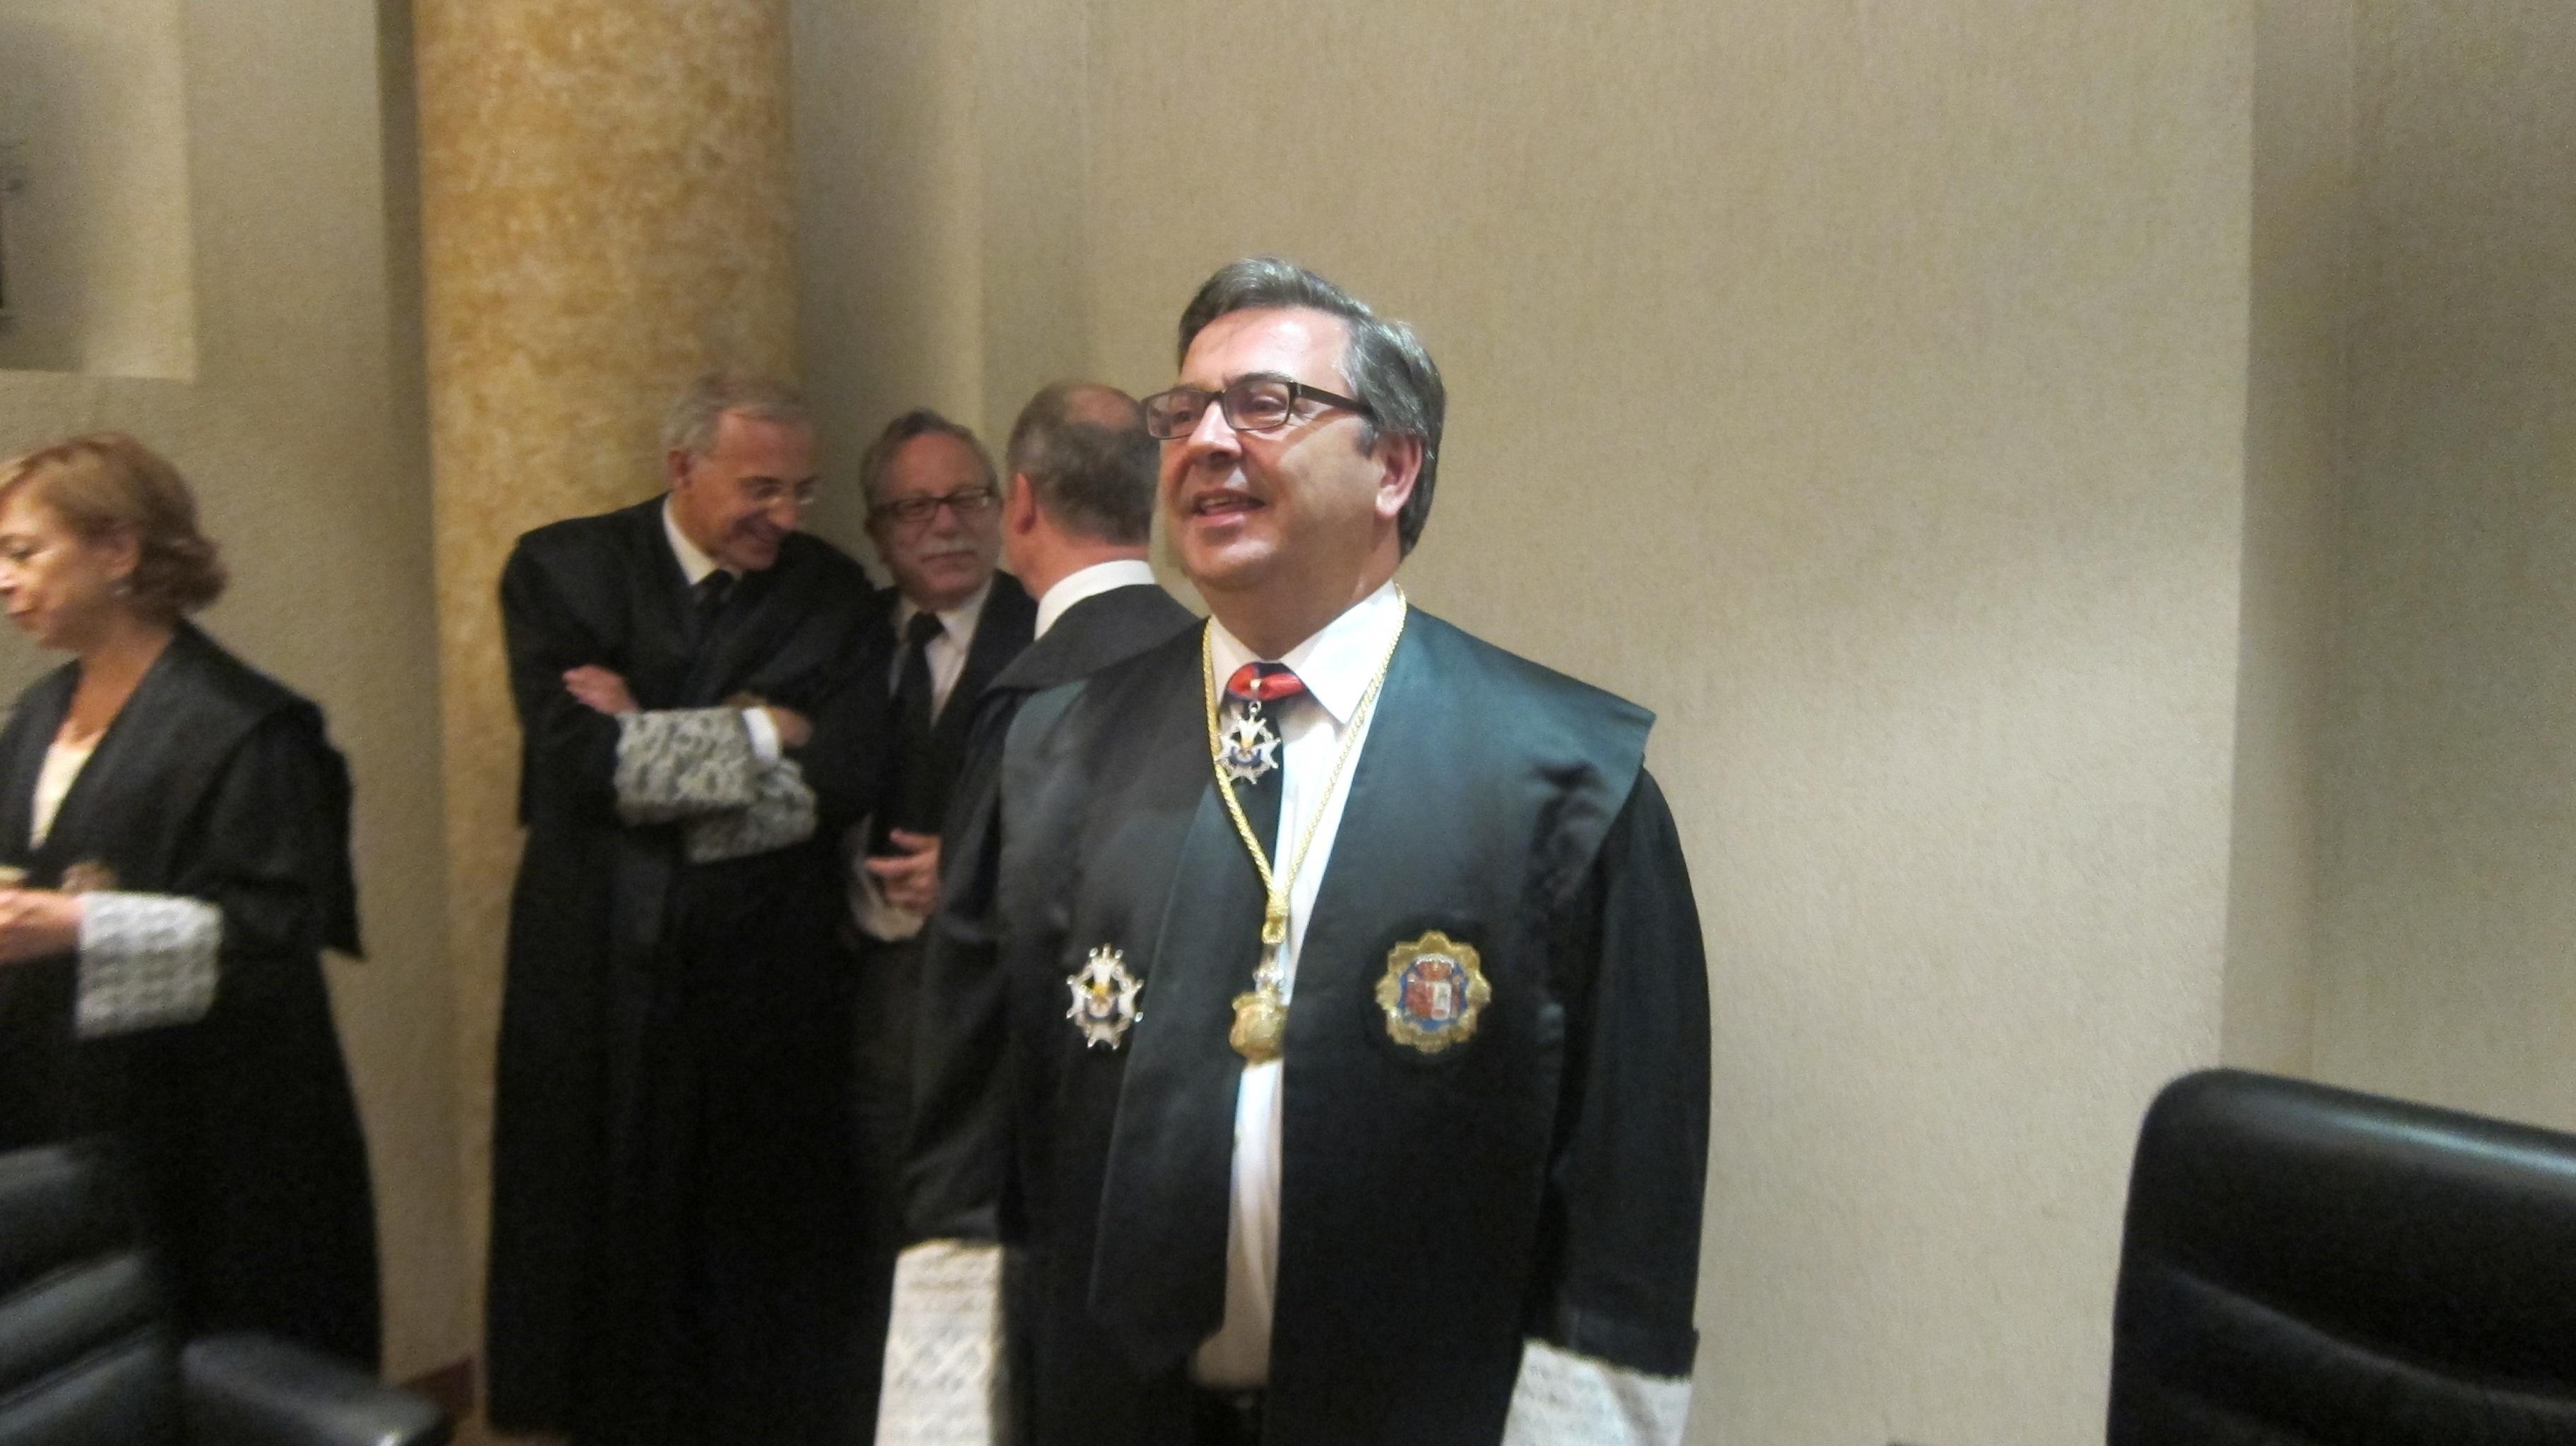 El nuevo fiscal provincial reclama medios a González al afirmar que las «penurias» perjudican a la ciudadanía